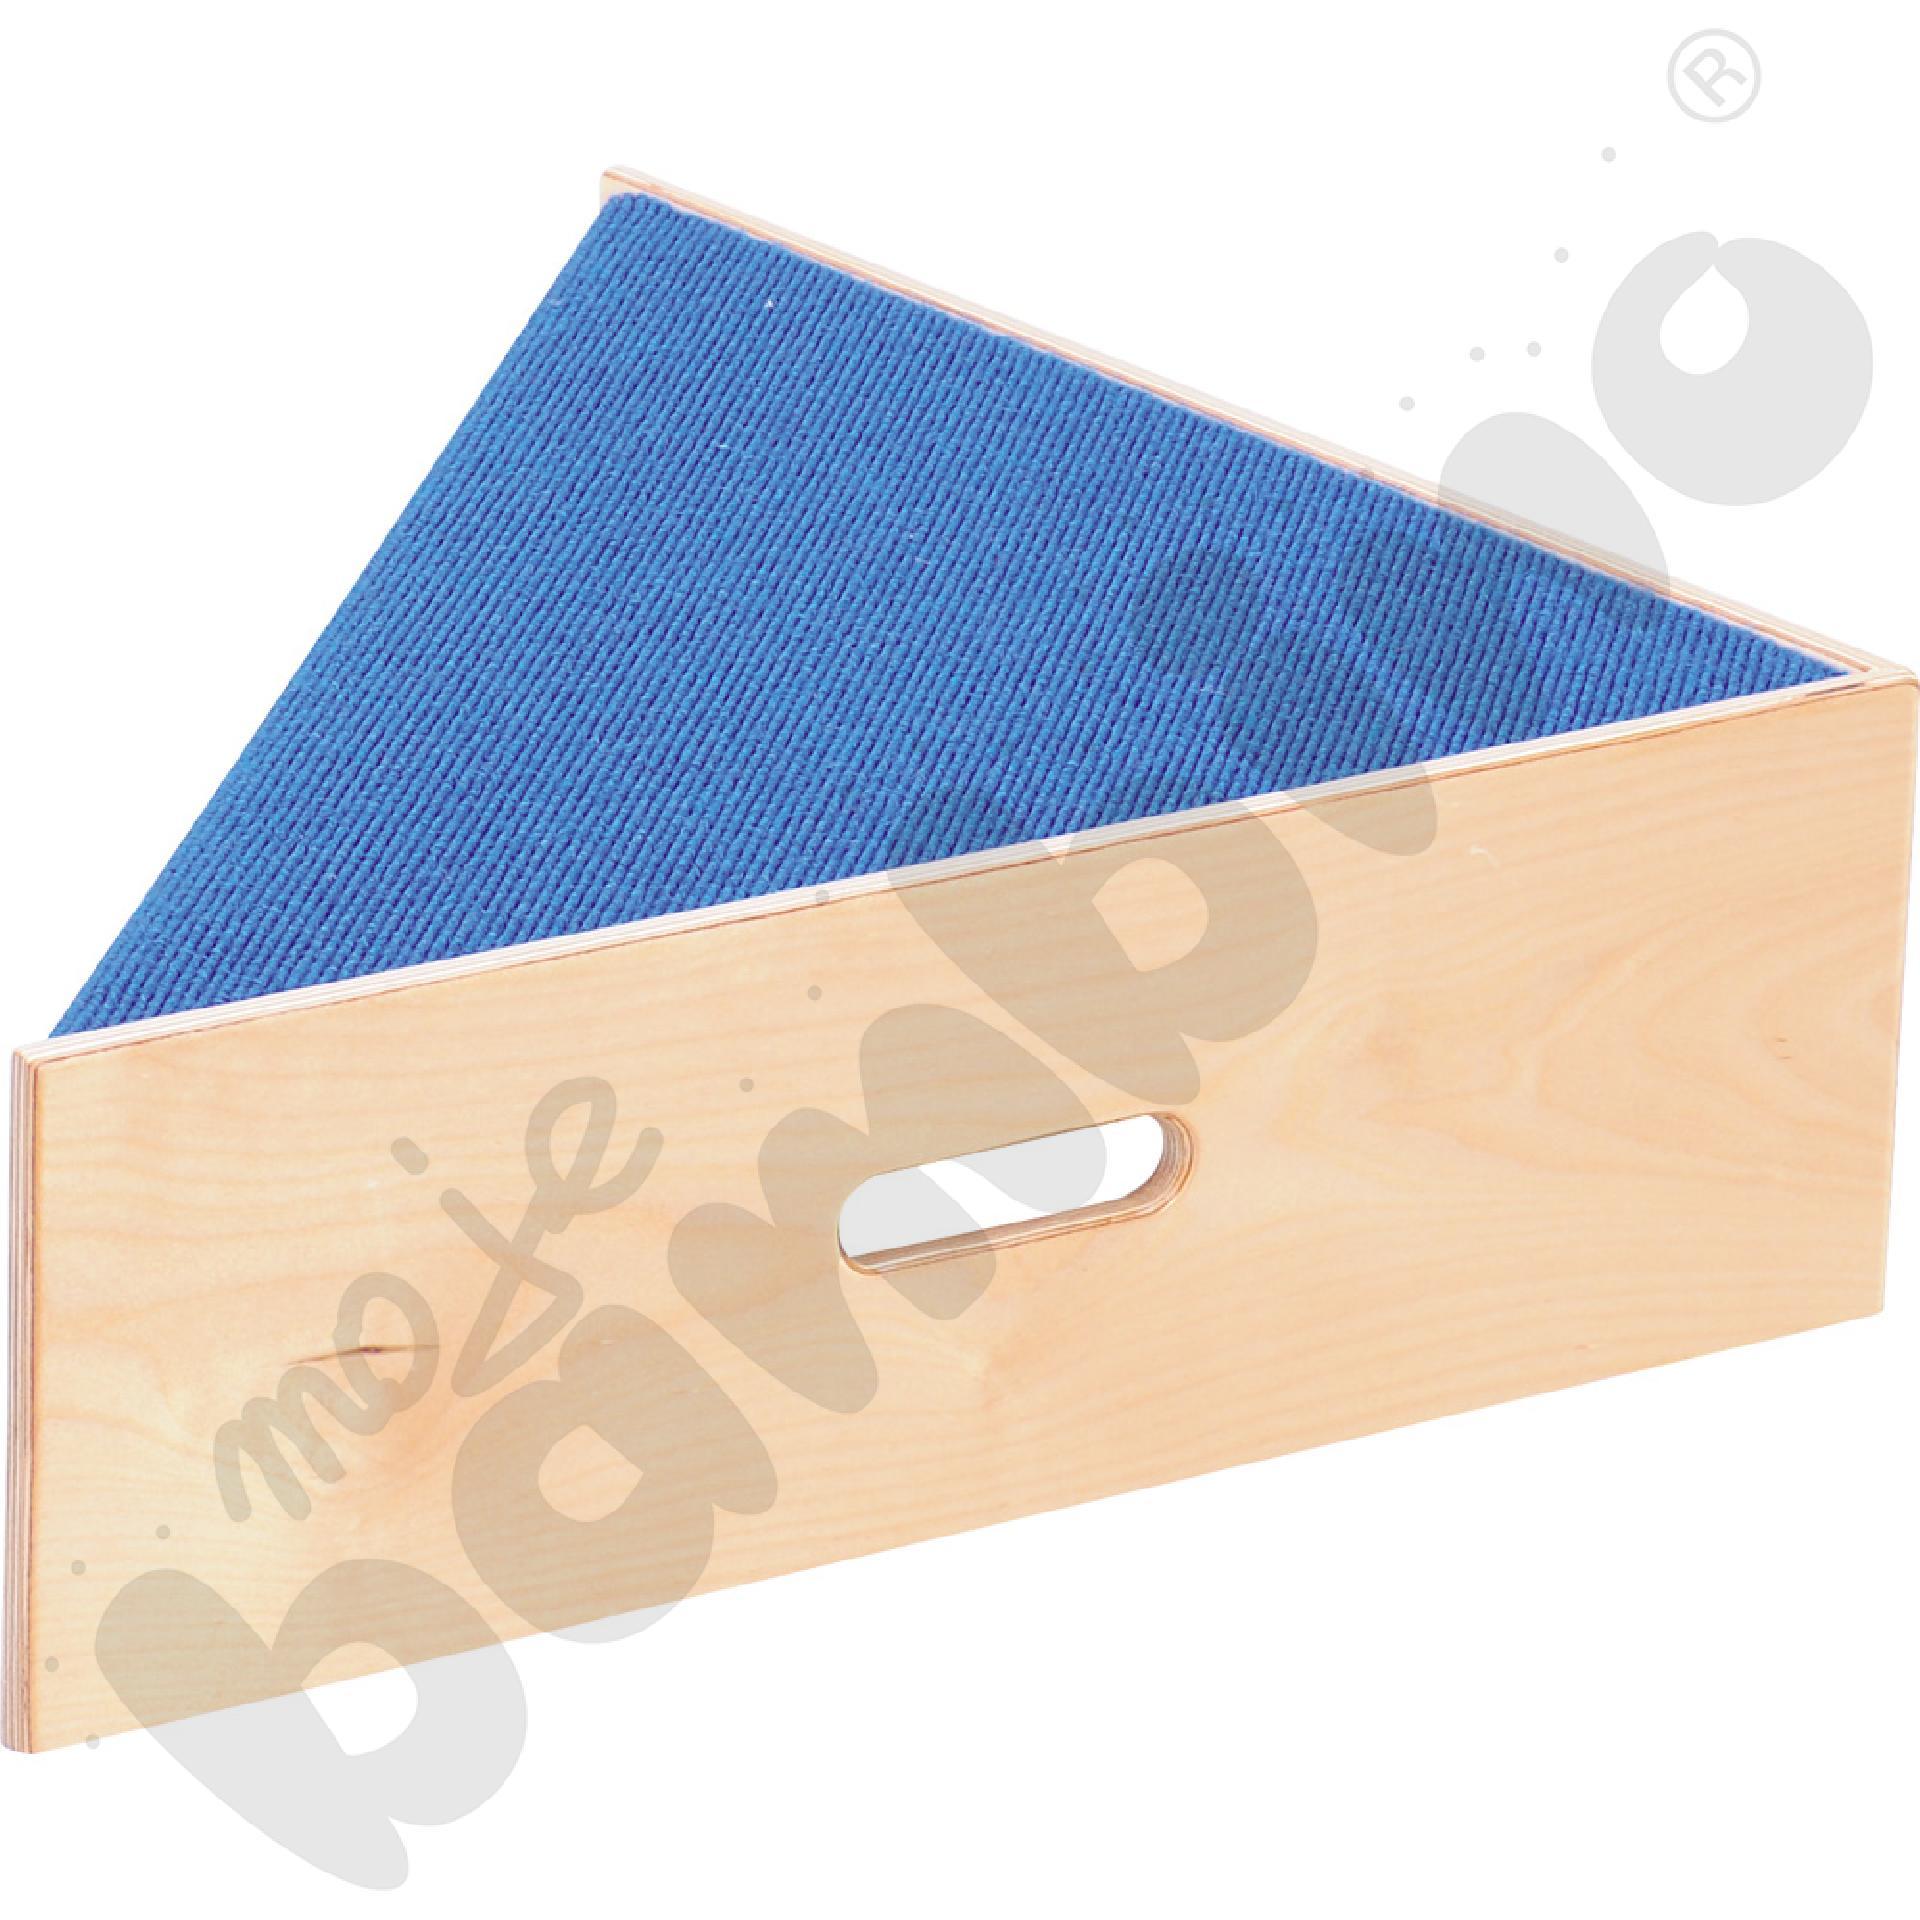 Podest trójkątny - wys. 20 cm niebieski